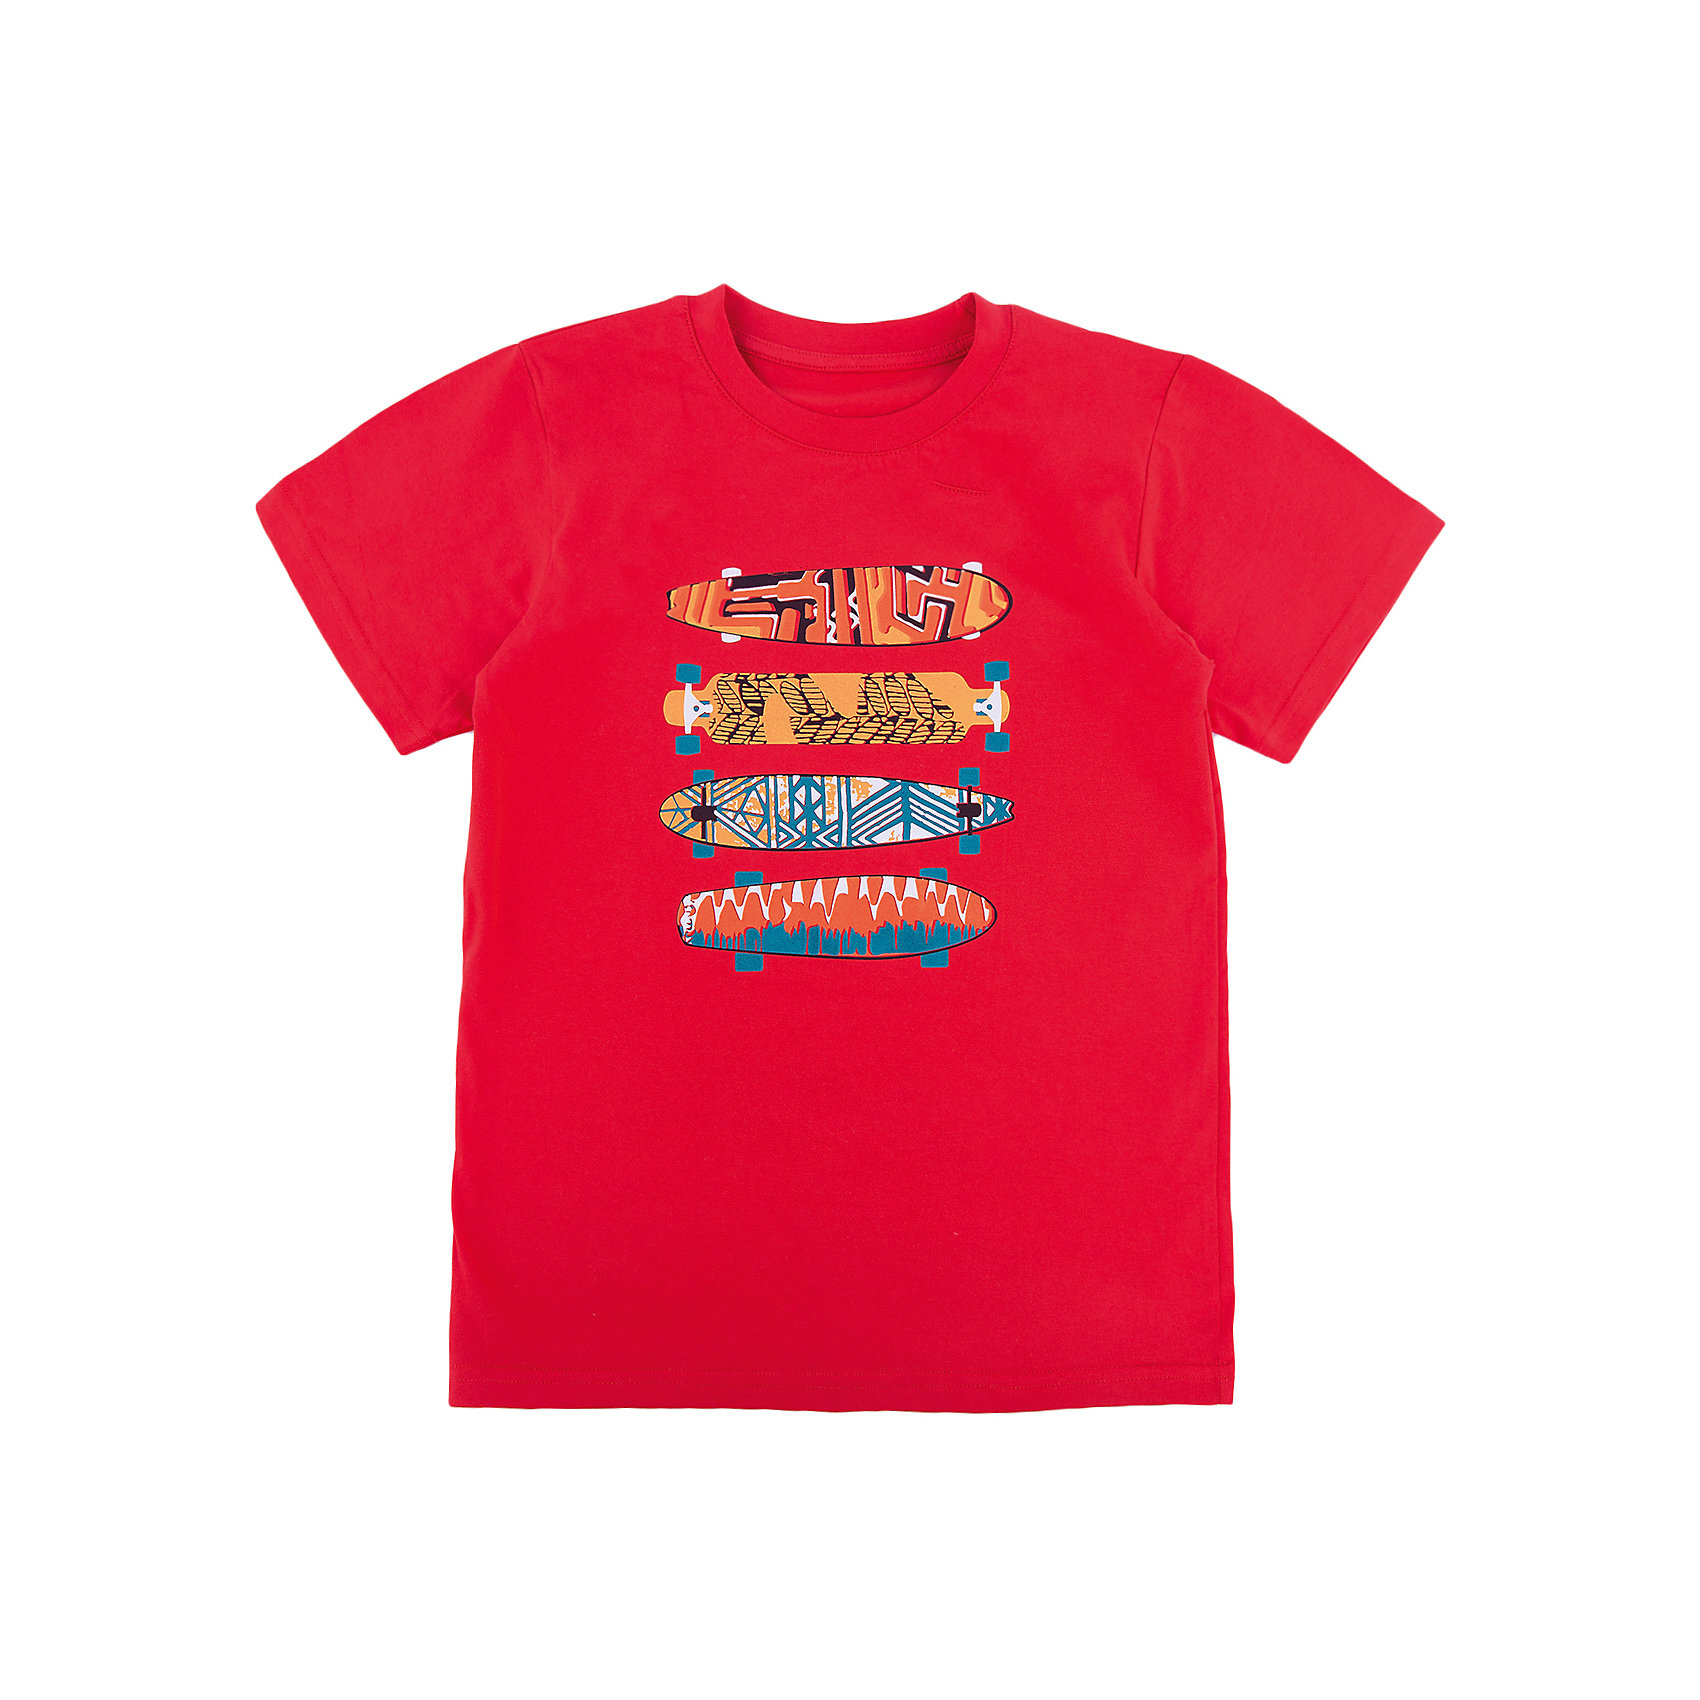 Футболка для мальчика WOWФутболки, поло и топы<br>Футболка для мальчика WOW<br>Незаменимой вещью в  гардеробе послужит футболка с коротким рукавом. Стильная и в тоже время комфортная модель, с яркой оригинальной печатью, будет превосходно смотреться на ребенке.<br>Состав:<br>кулирная гладь 100% хлопок<br><br>Ширина мм: 199<br>Глубина мм: 10<br>Высота мм: 161<br>Вес г: 151<br>Цвет: красный<br>Возраст от месяцев: 144<br>Возраст до месяцев: 156<br>Пол: Мужской<br>Возраст: Детский<br>Размер: 158,128,164,134,140,146,152<br>SKU: 6871723